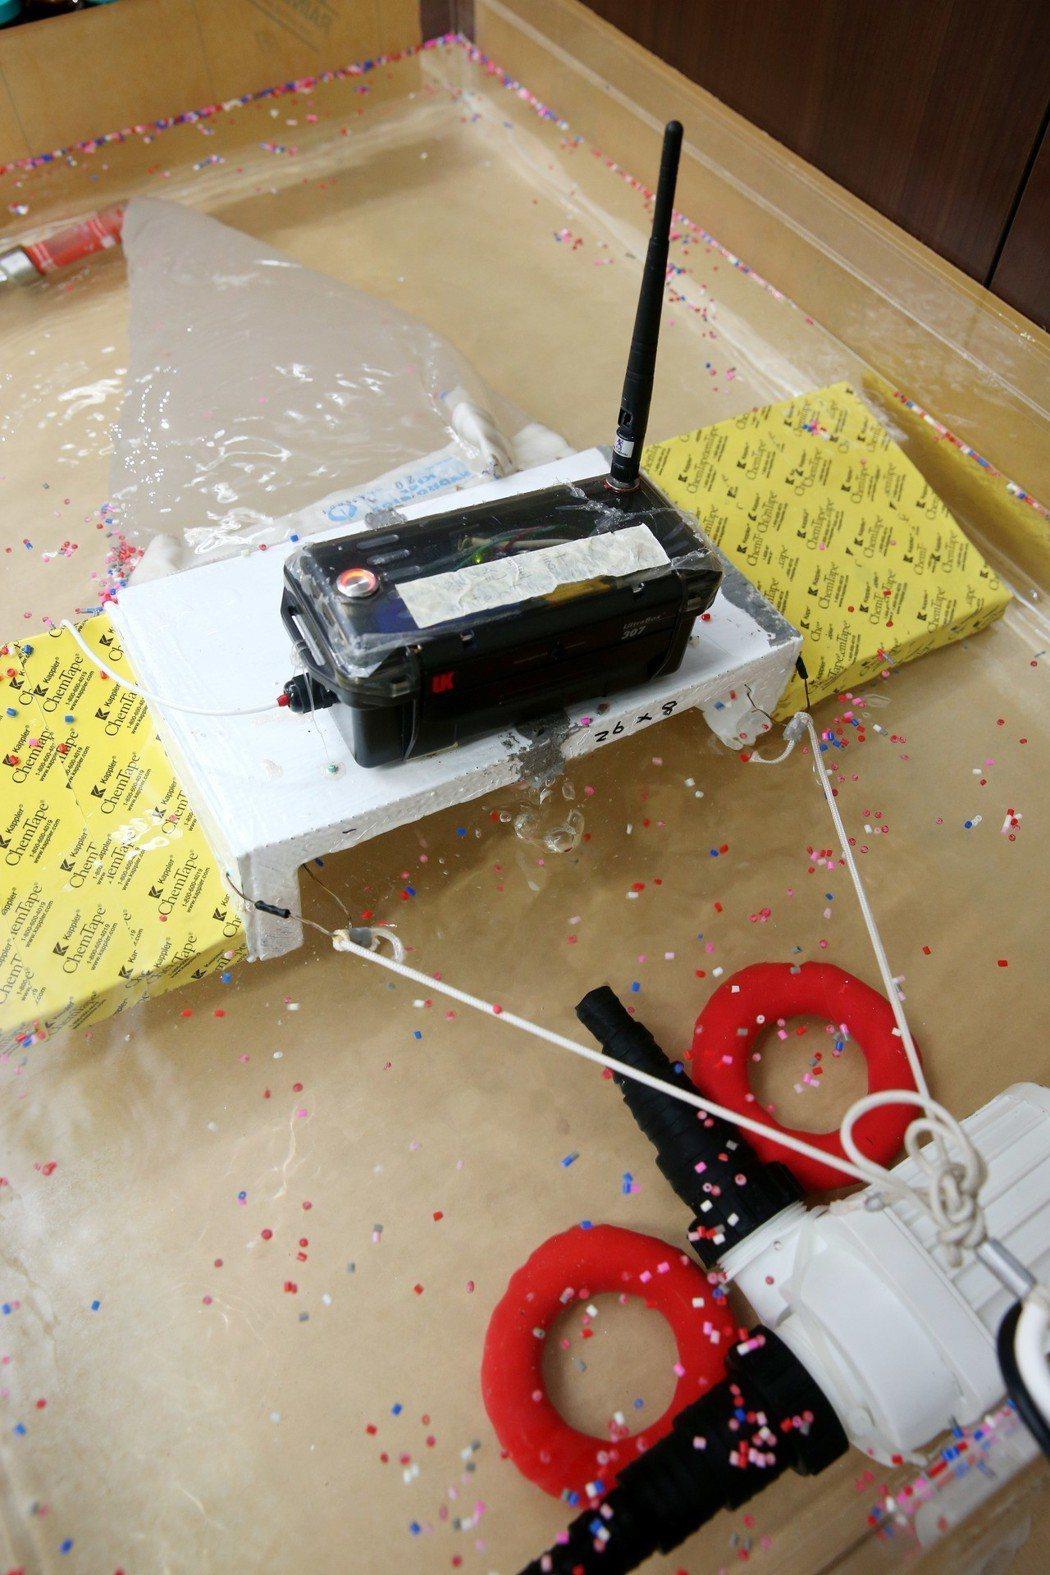 環保署展示鱝型採樣器。記者邱德祥/攝影